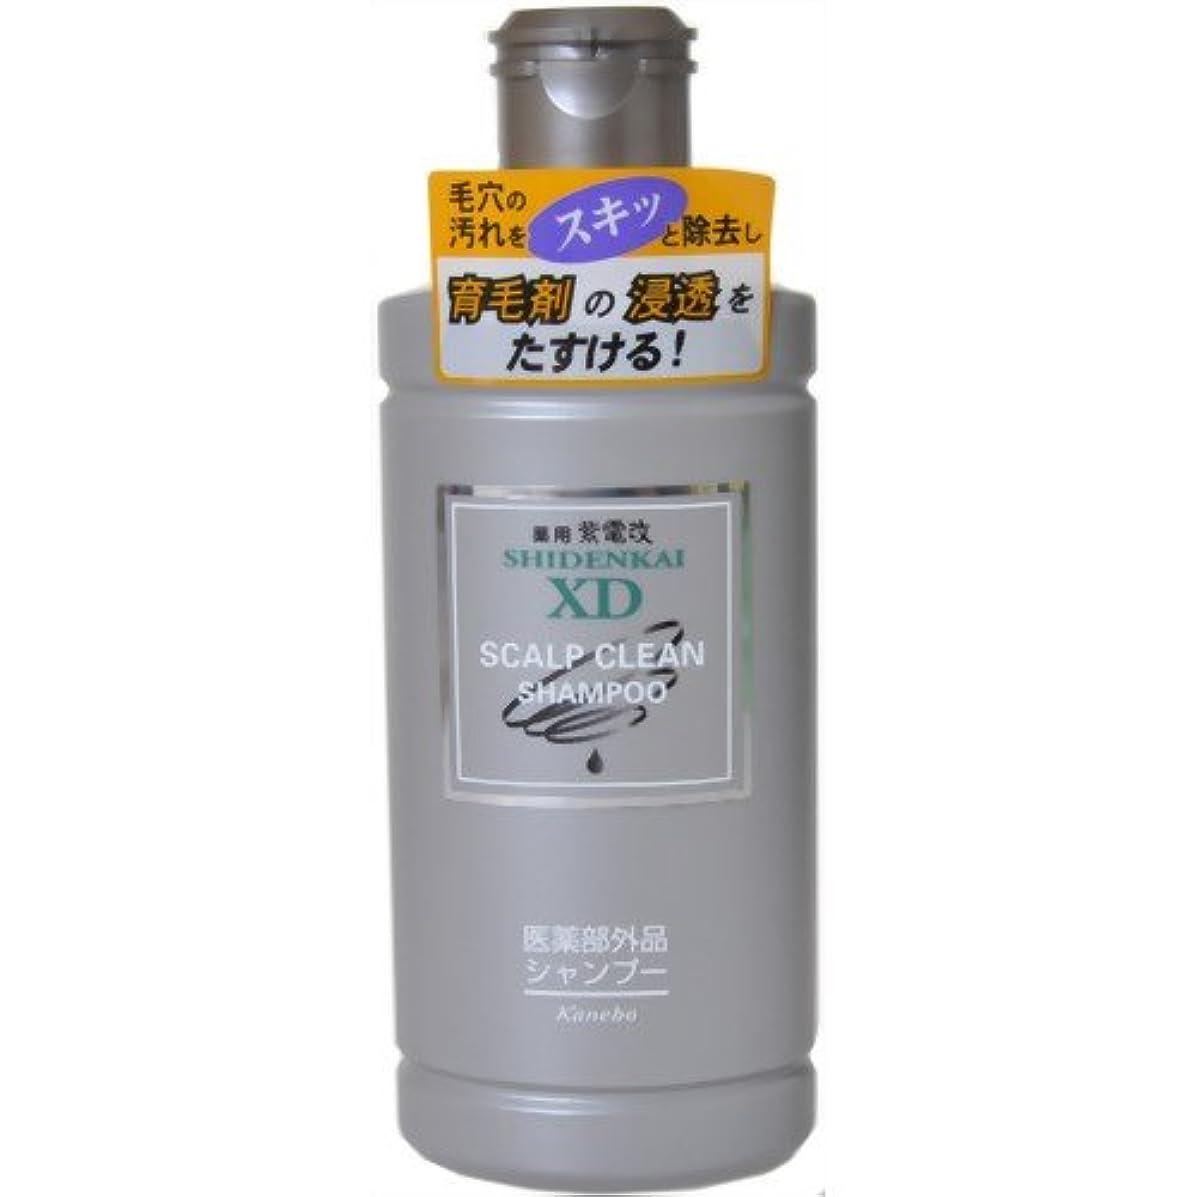 作り上げる心臓ワークショップカネボウ 薬用紫電改X.Dシャンプー 250ml